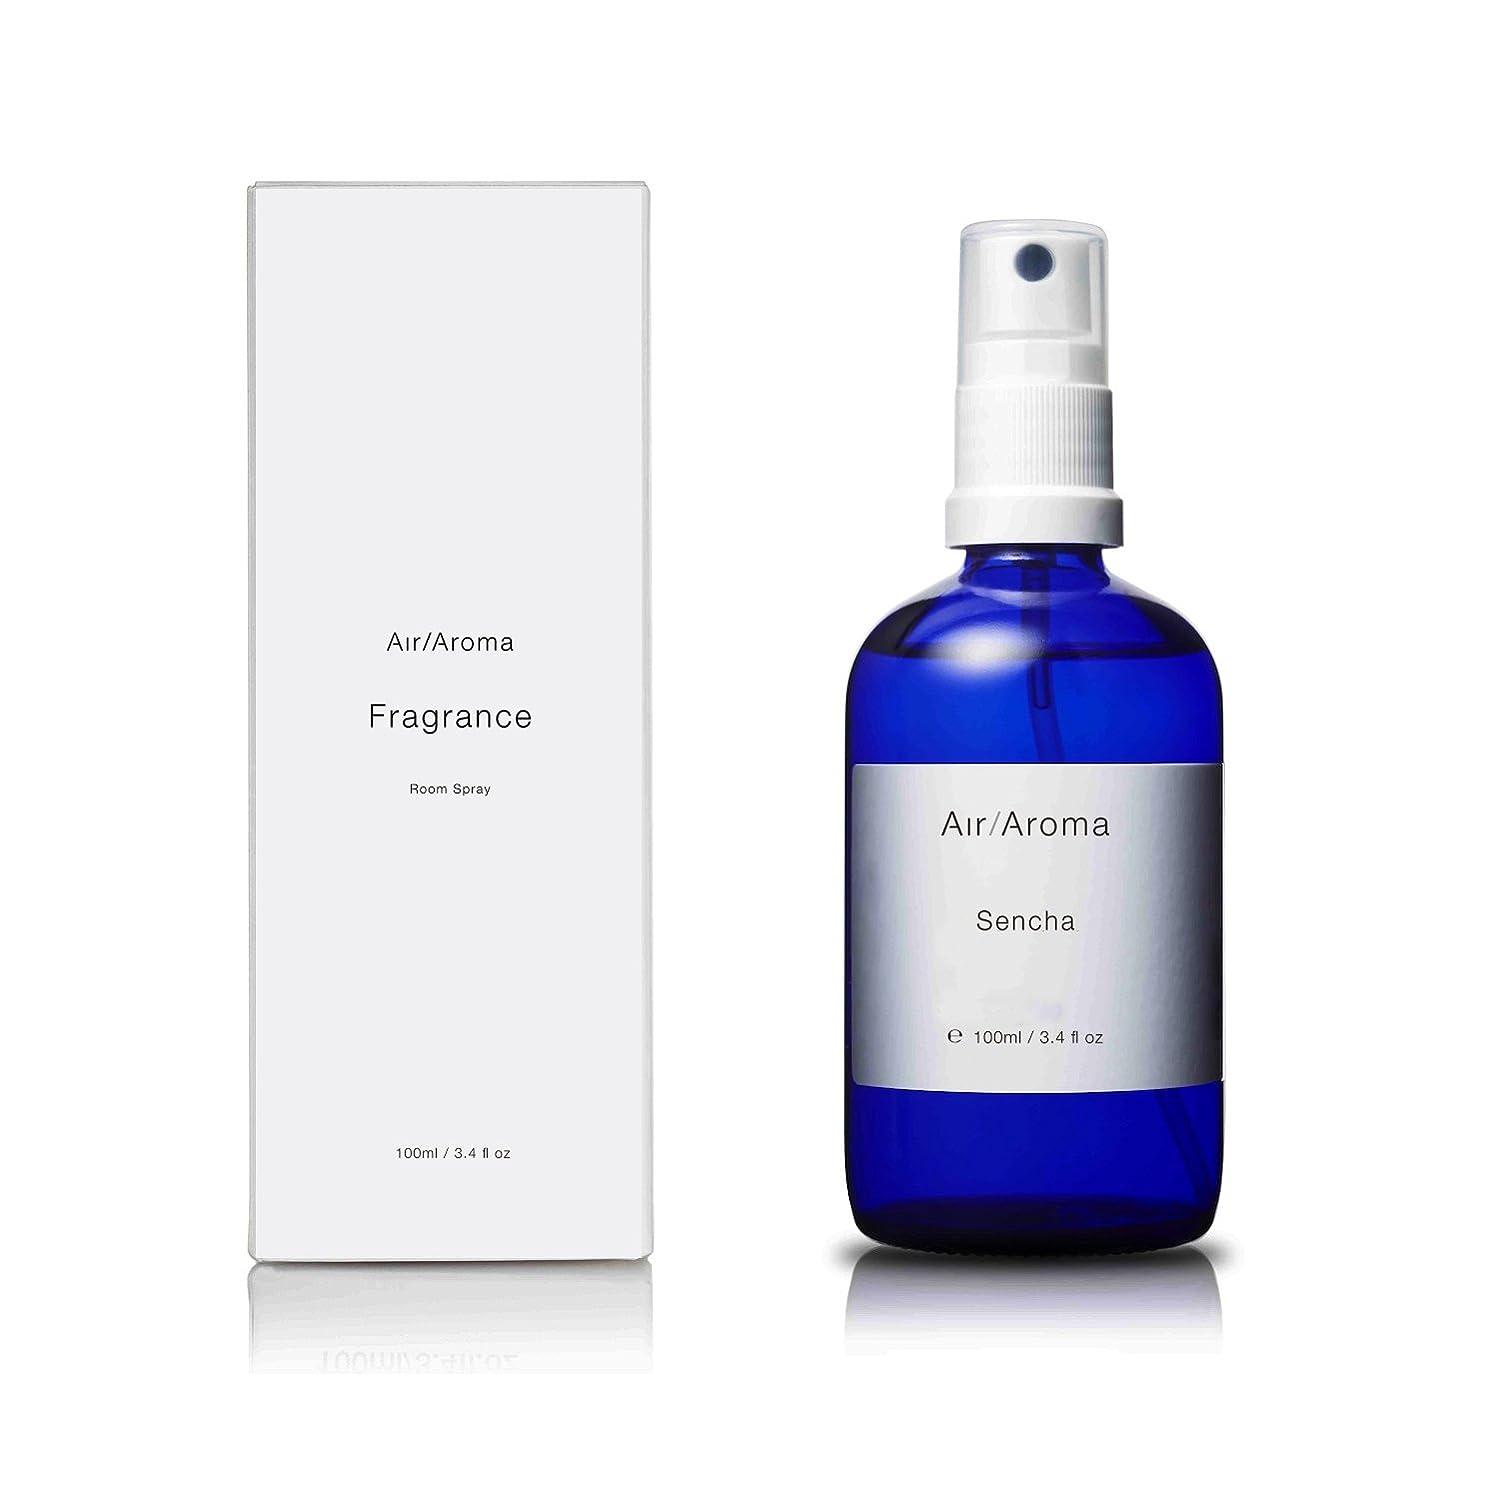 命令的クラウド流星エアアロマ sencha room fragrance(センチャ ルームフレグランス)100ml